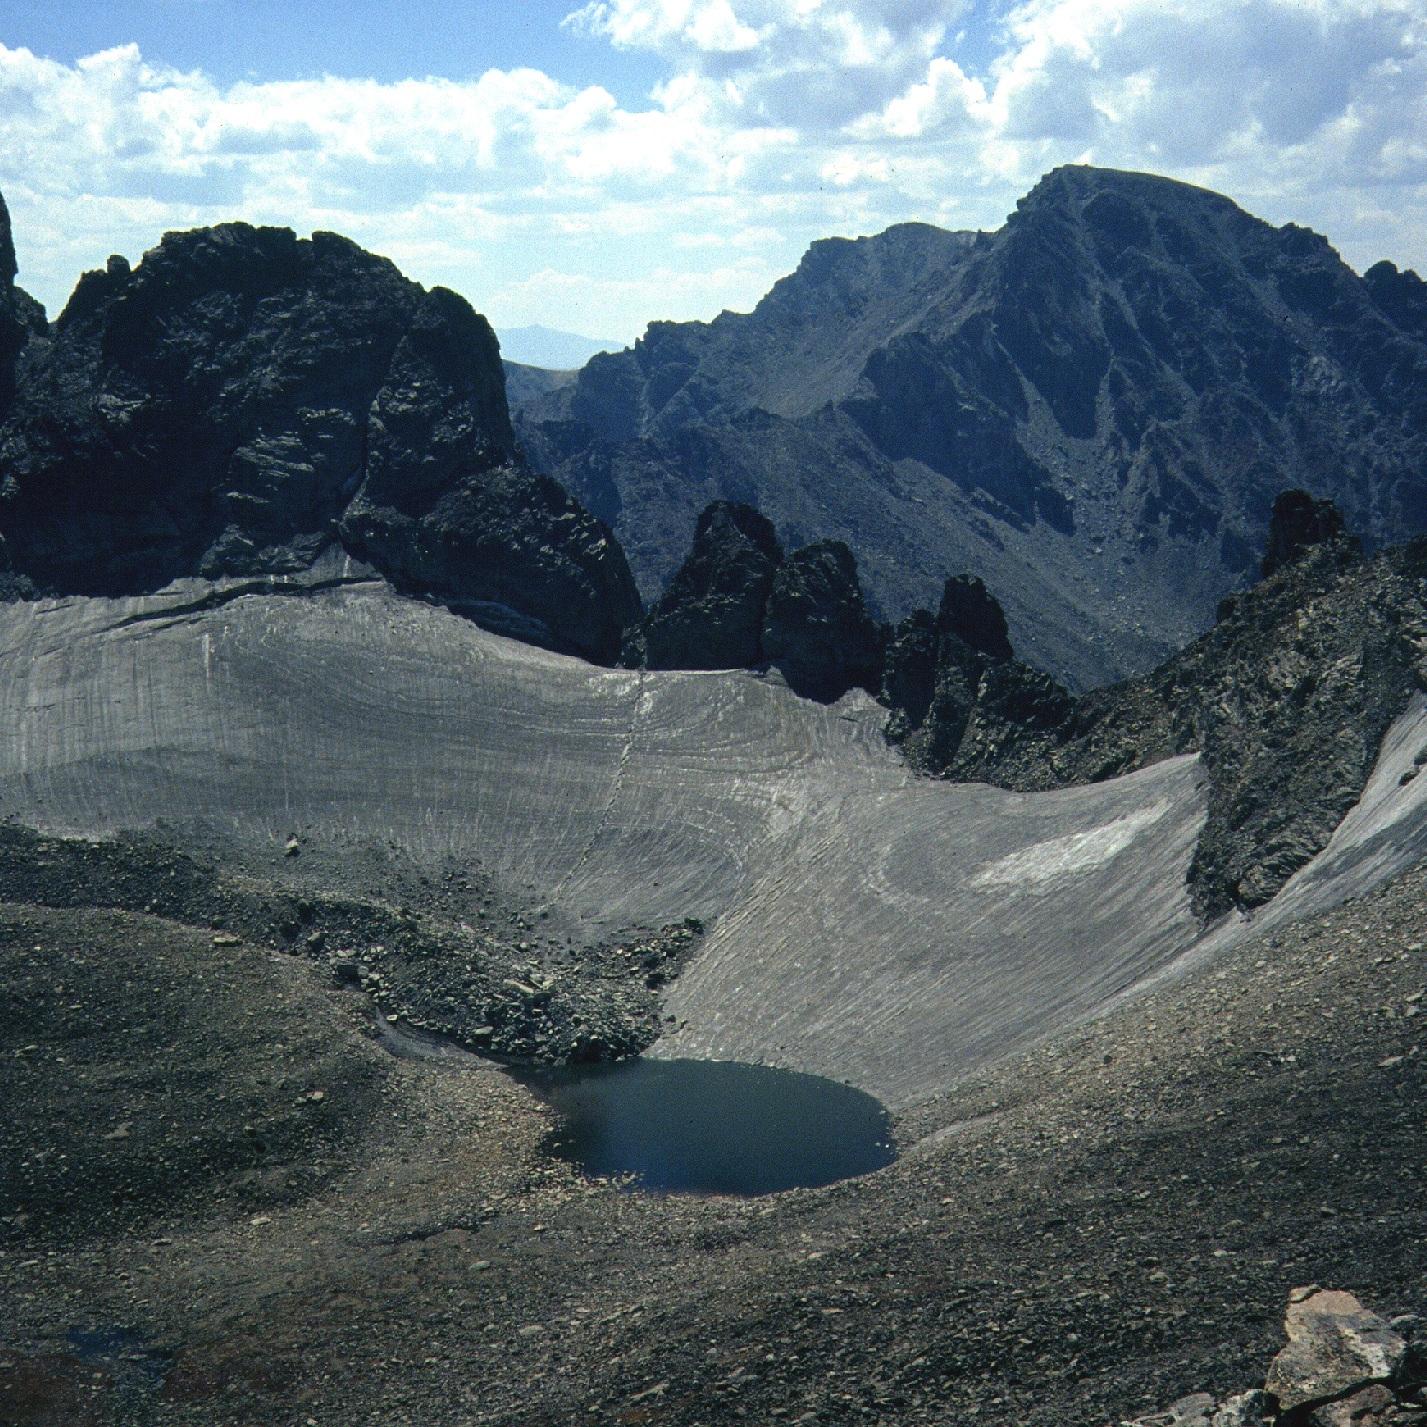 3798meters - Height of the Arikaree Glacier (12,460 feet!)